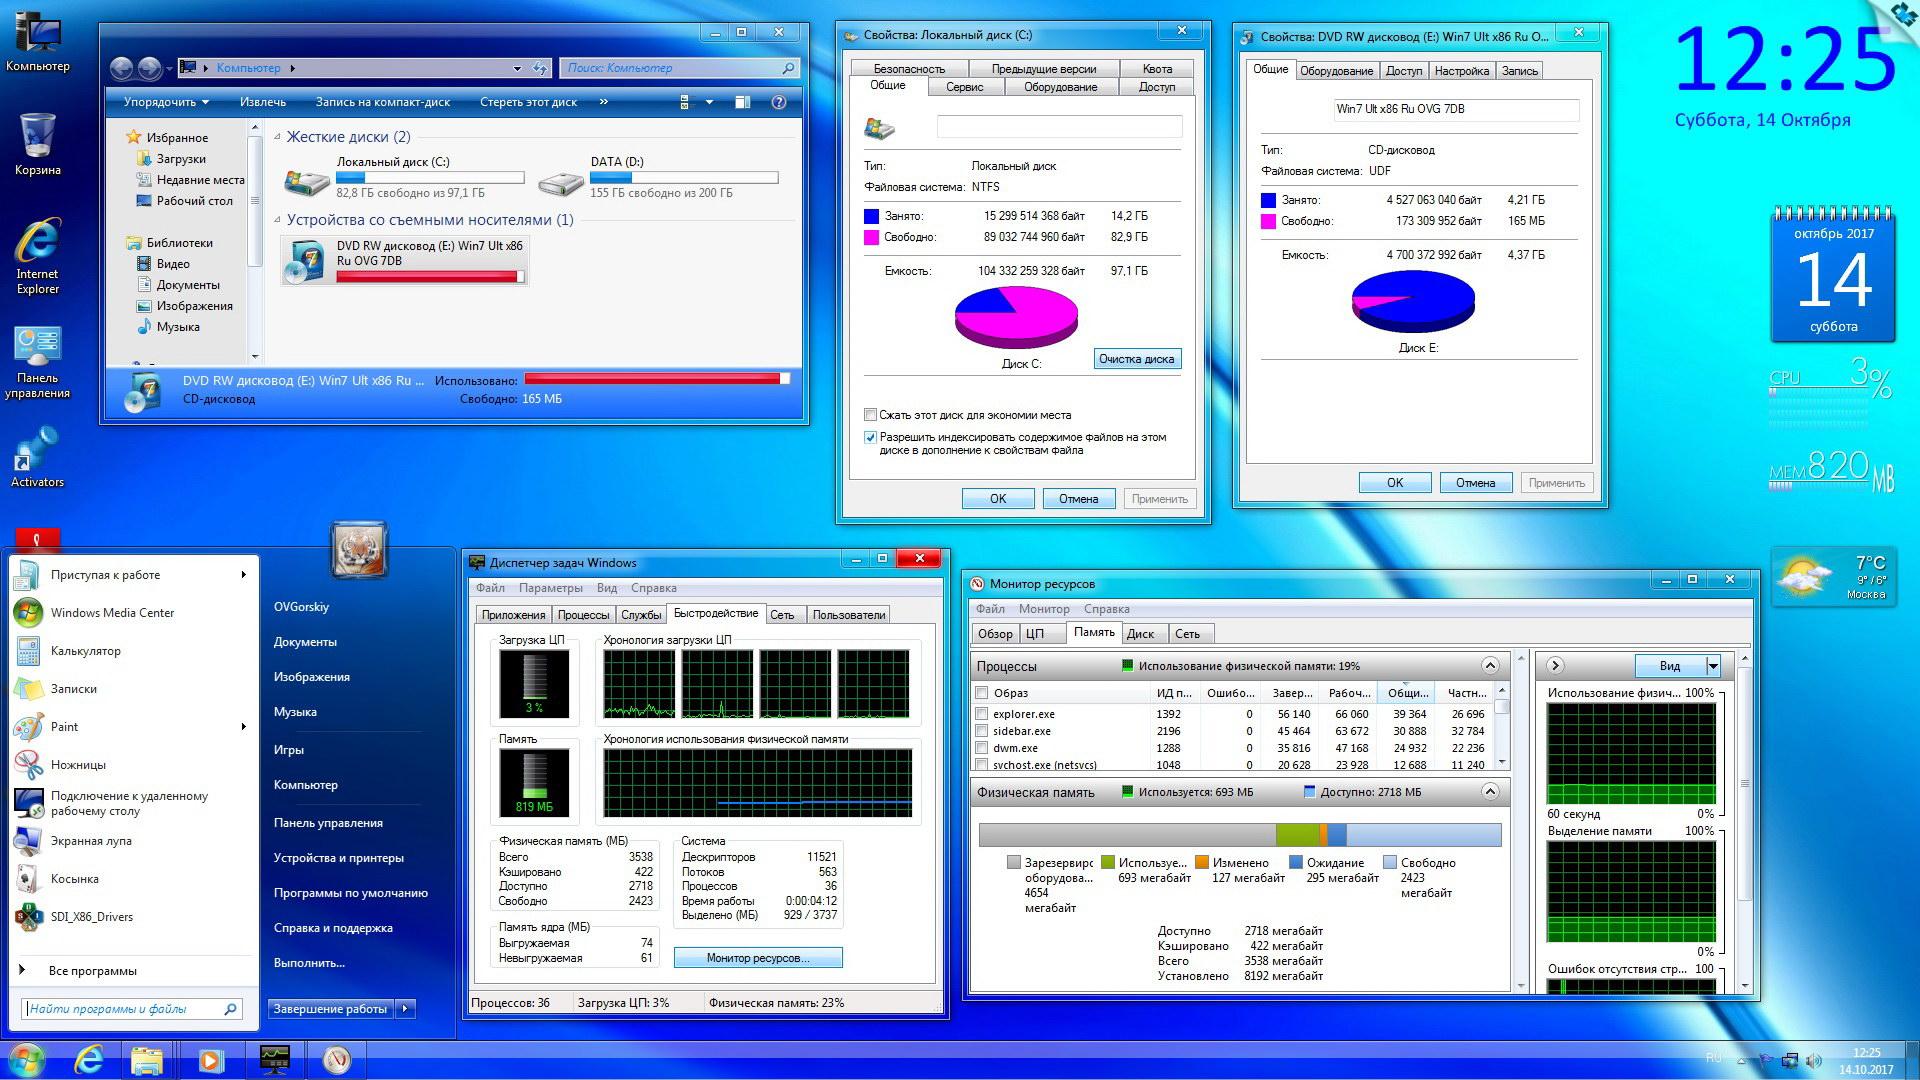 Microsoft Windows 7 Ultimate Ru x86 SP1 7DB by OVGorskiy® (10.2017) Русский